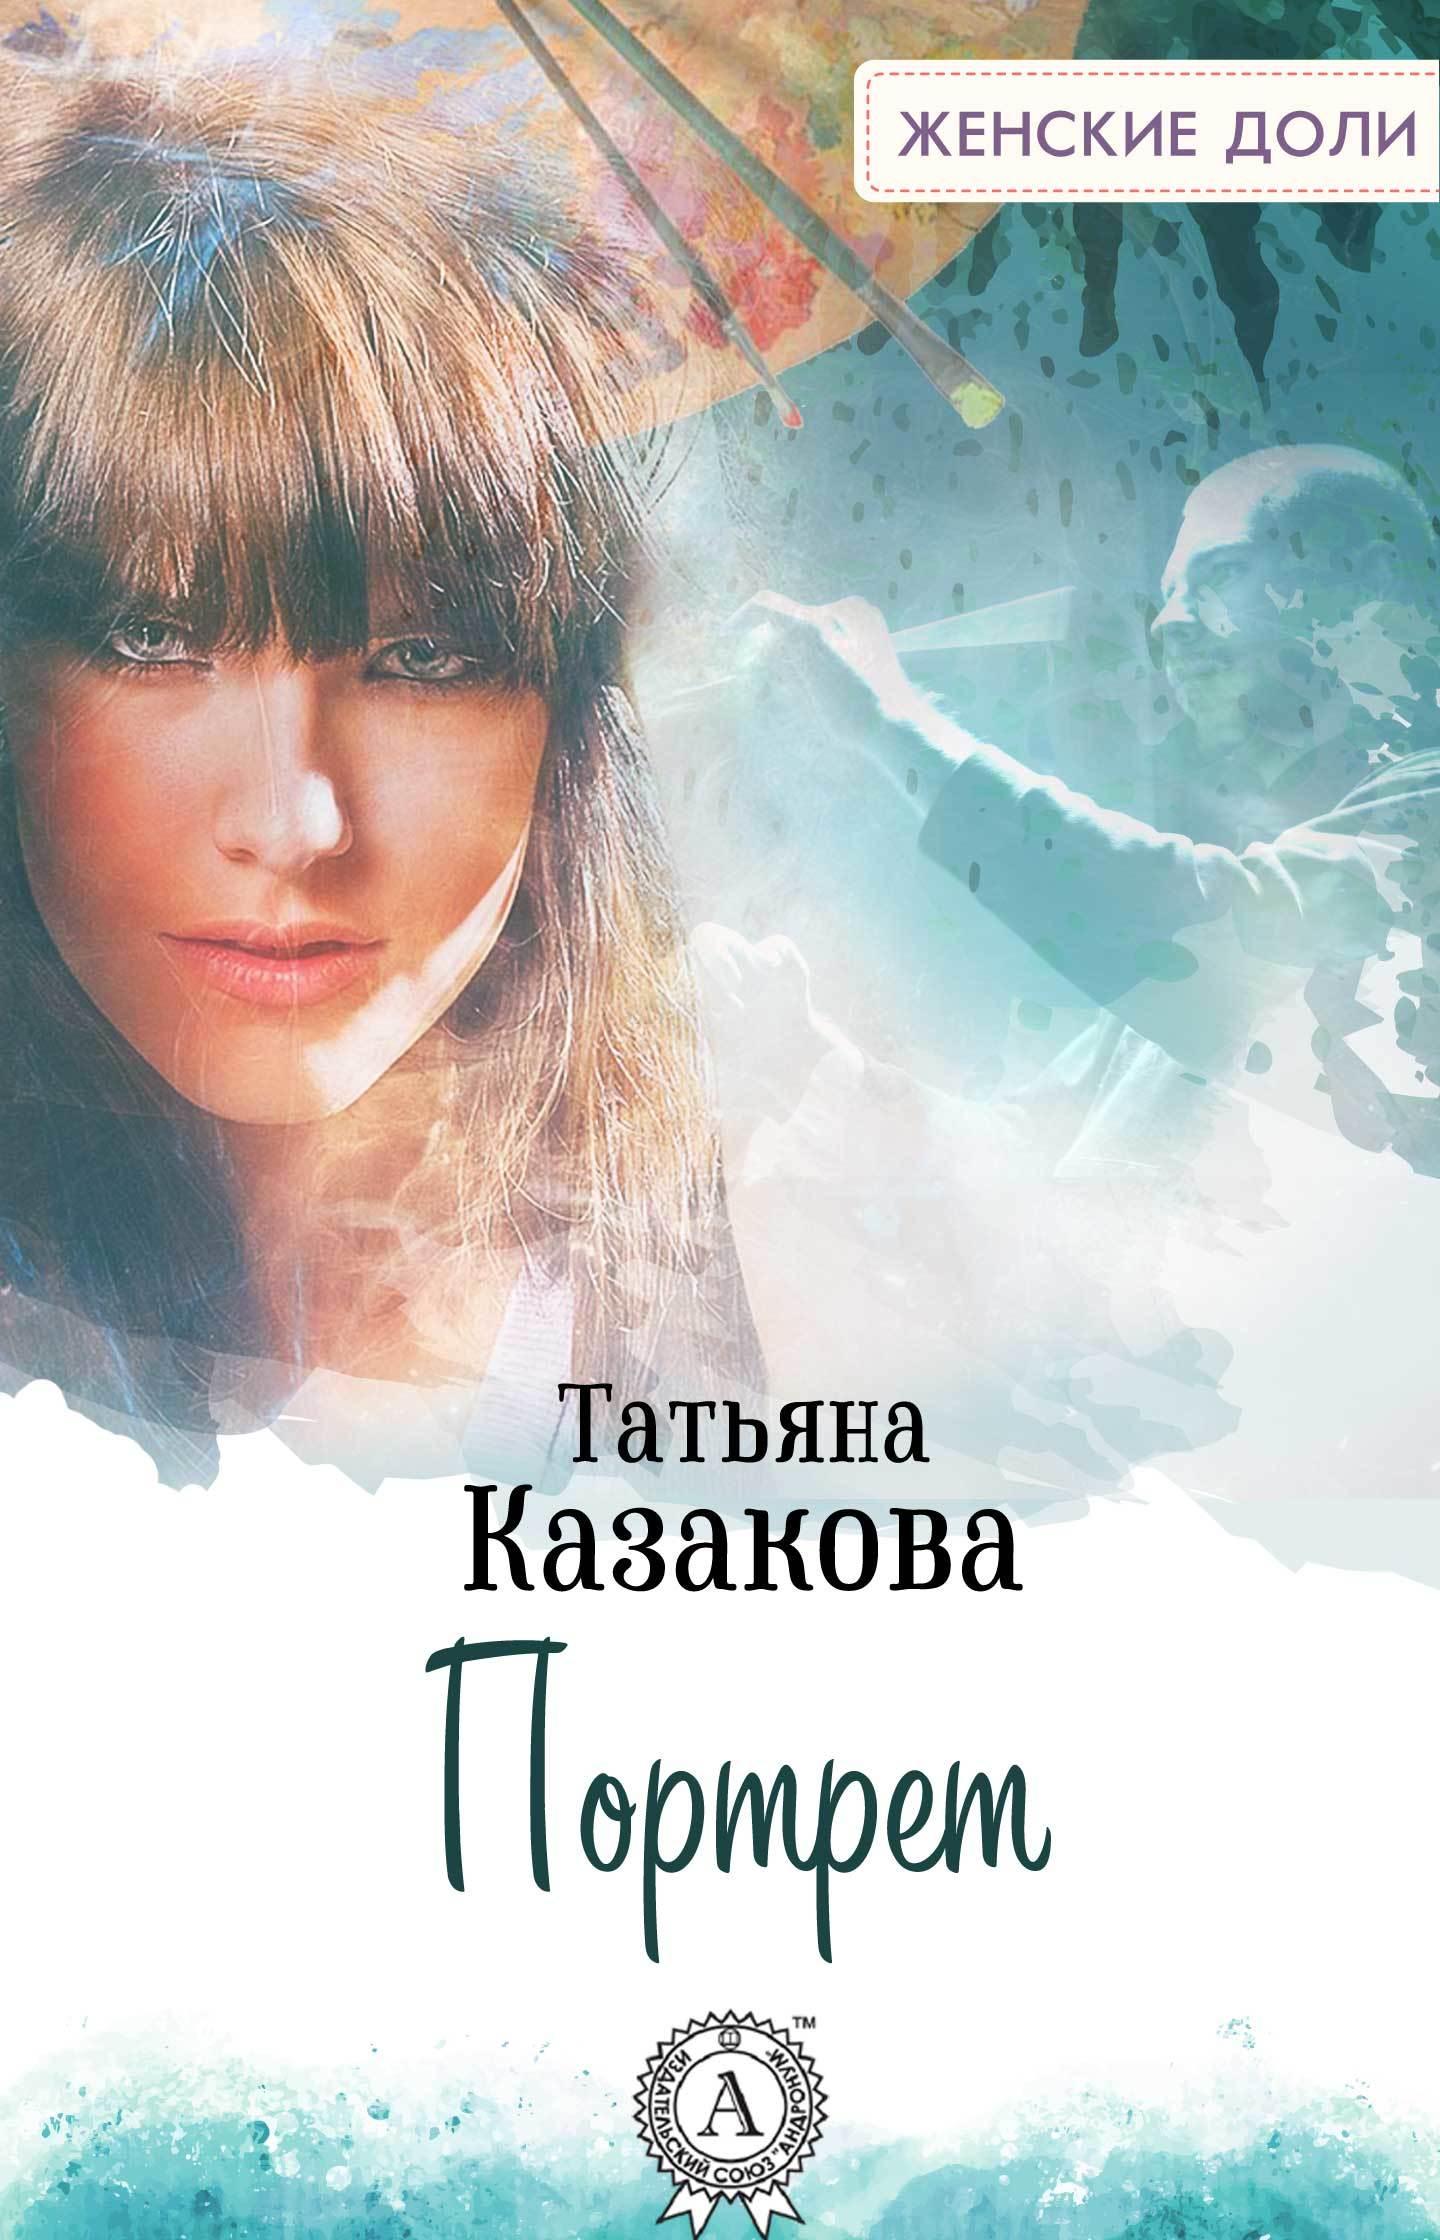 Татьяна Казакова Портрет мамлеев юрий витальевич пять романов портрет